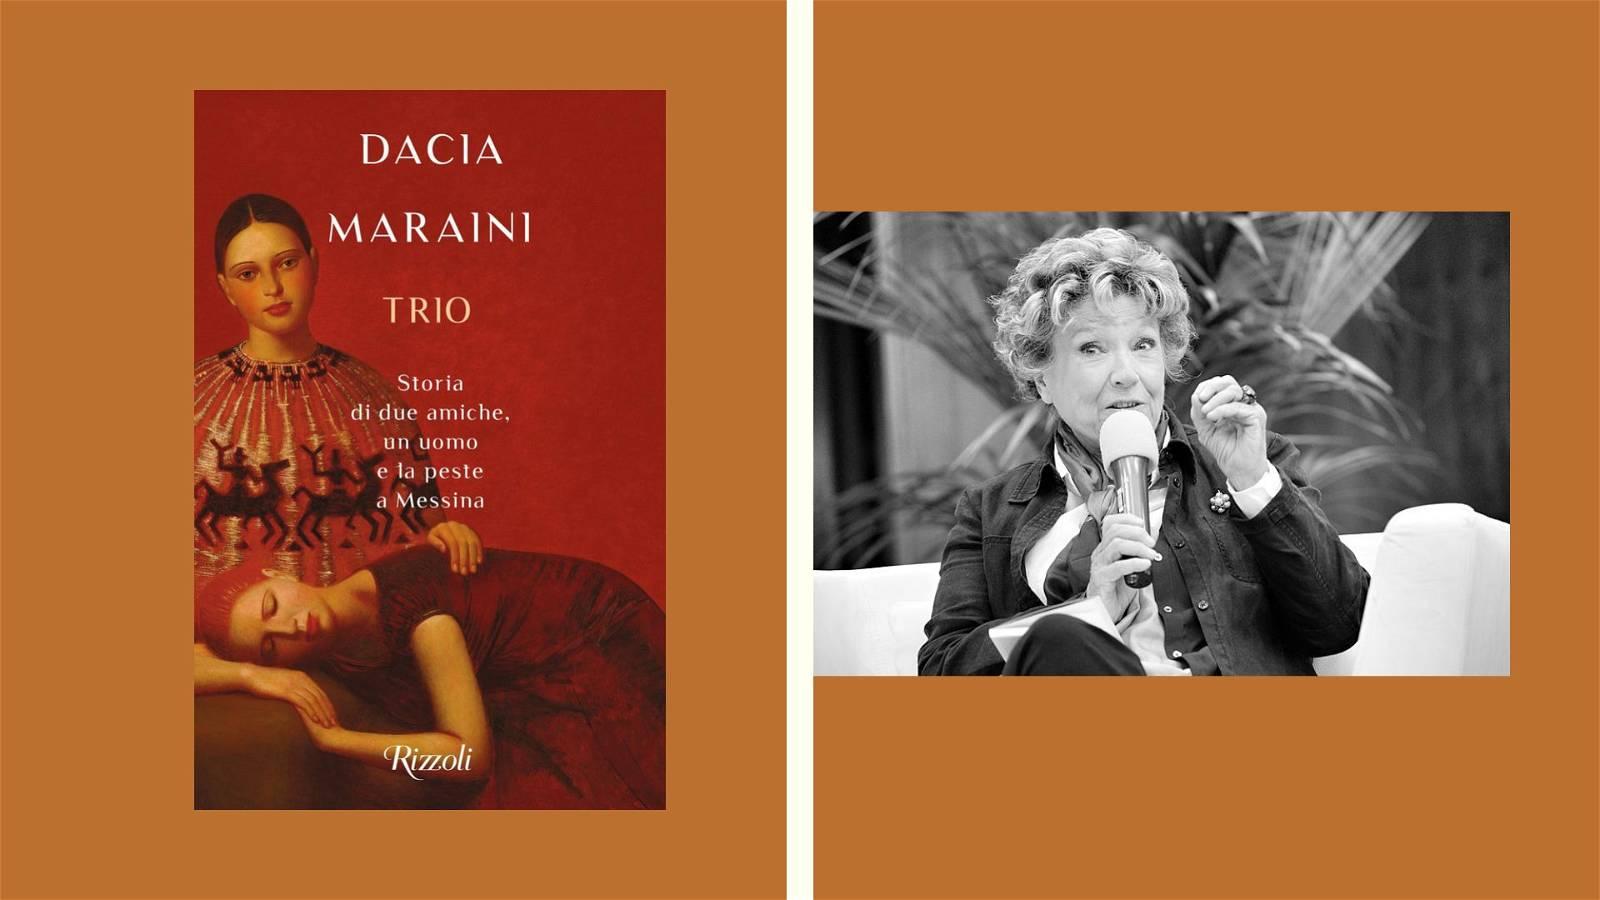 Presentazione Trio di Dacia Maraini